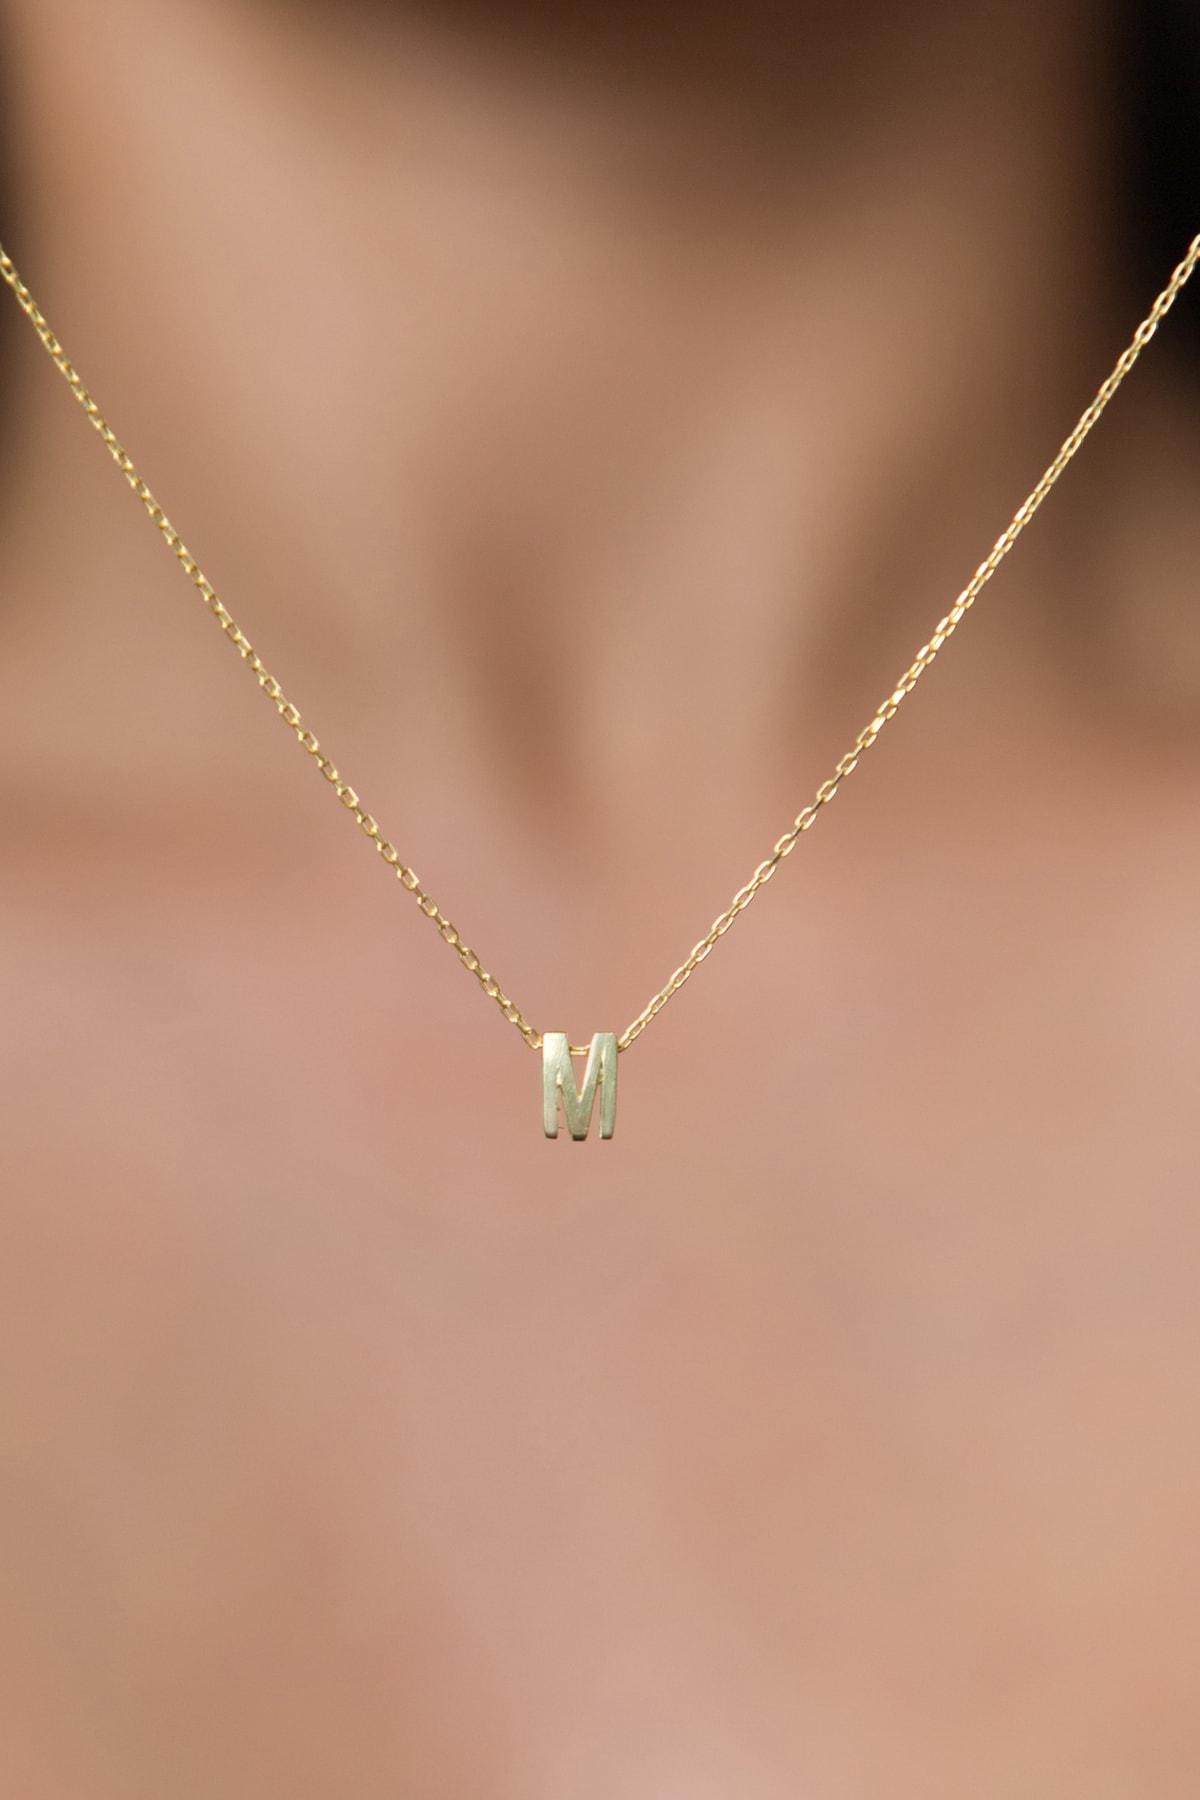 Elika Silver Kadın Üç Boyutlu M Harf Altın Kaplama 925 Ayar Gümüş Kolye 1